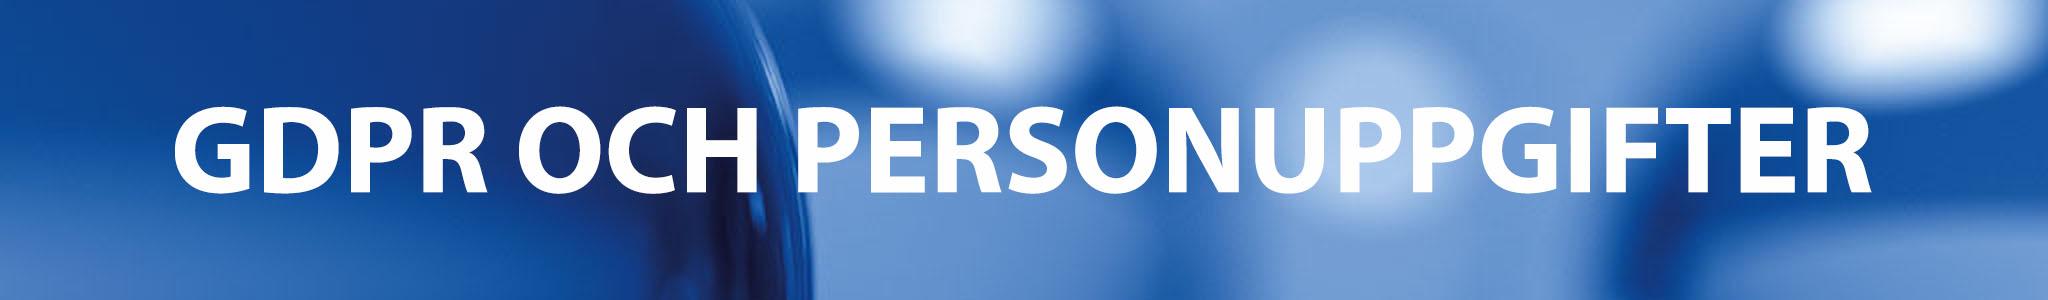 GDPR och personuppgifter